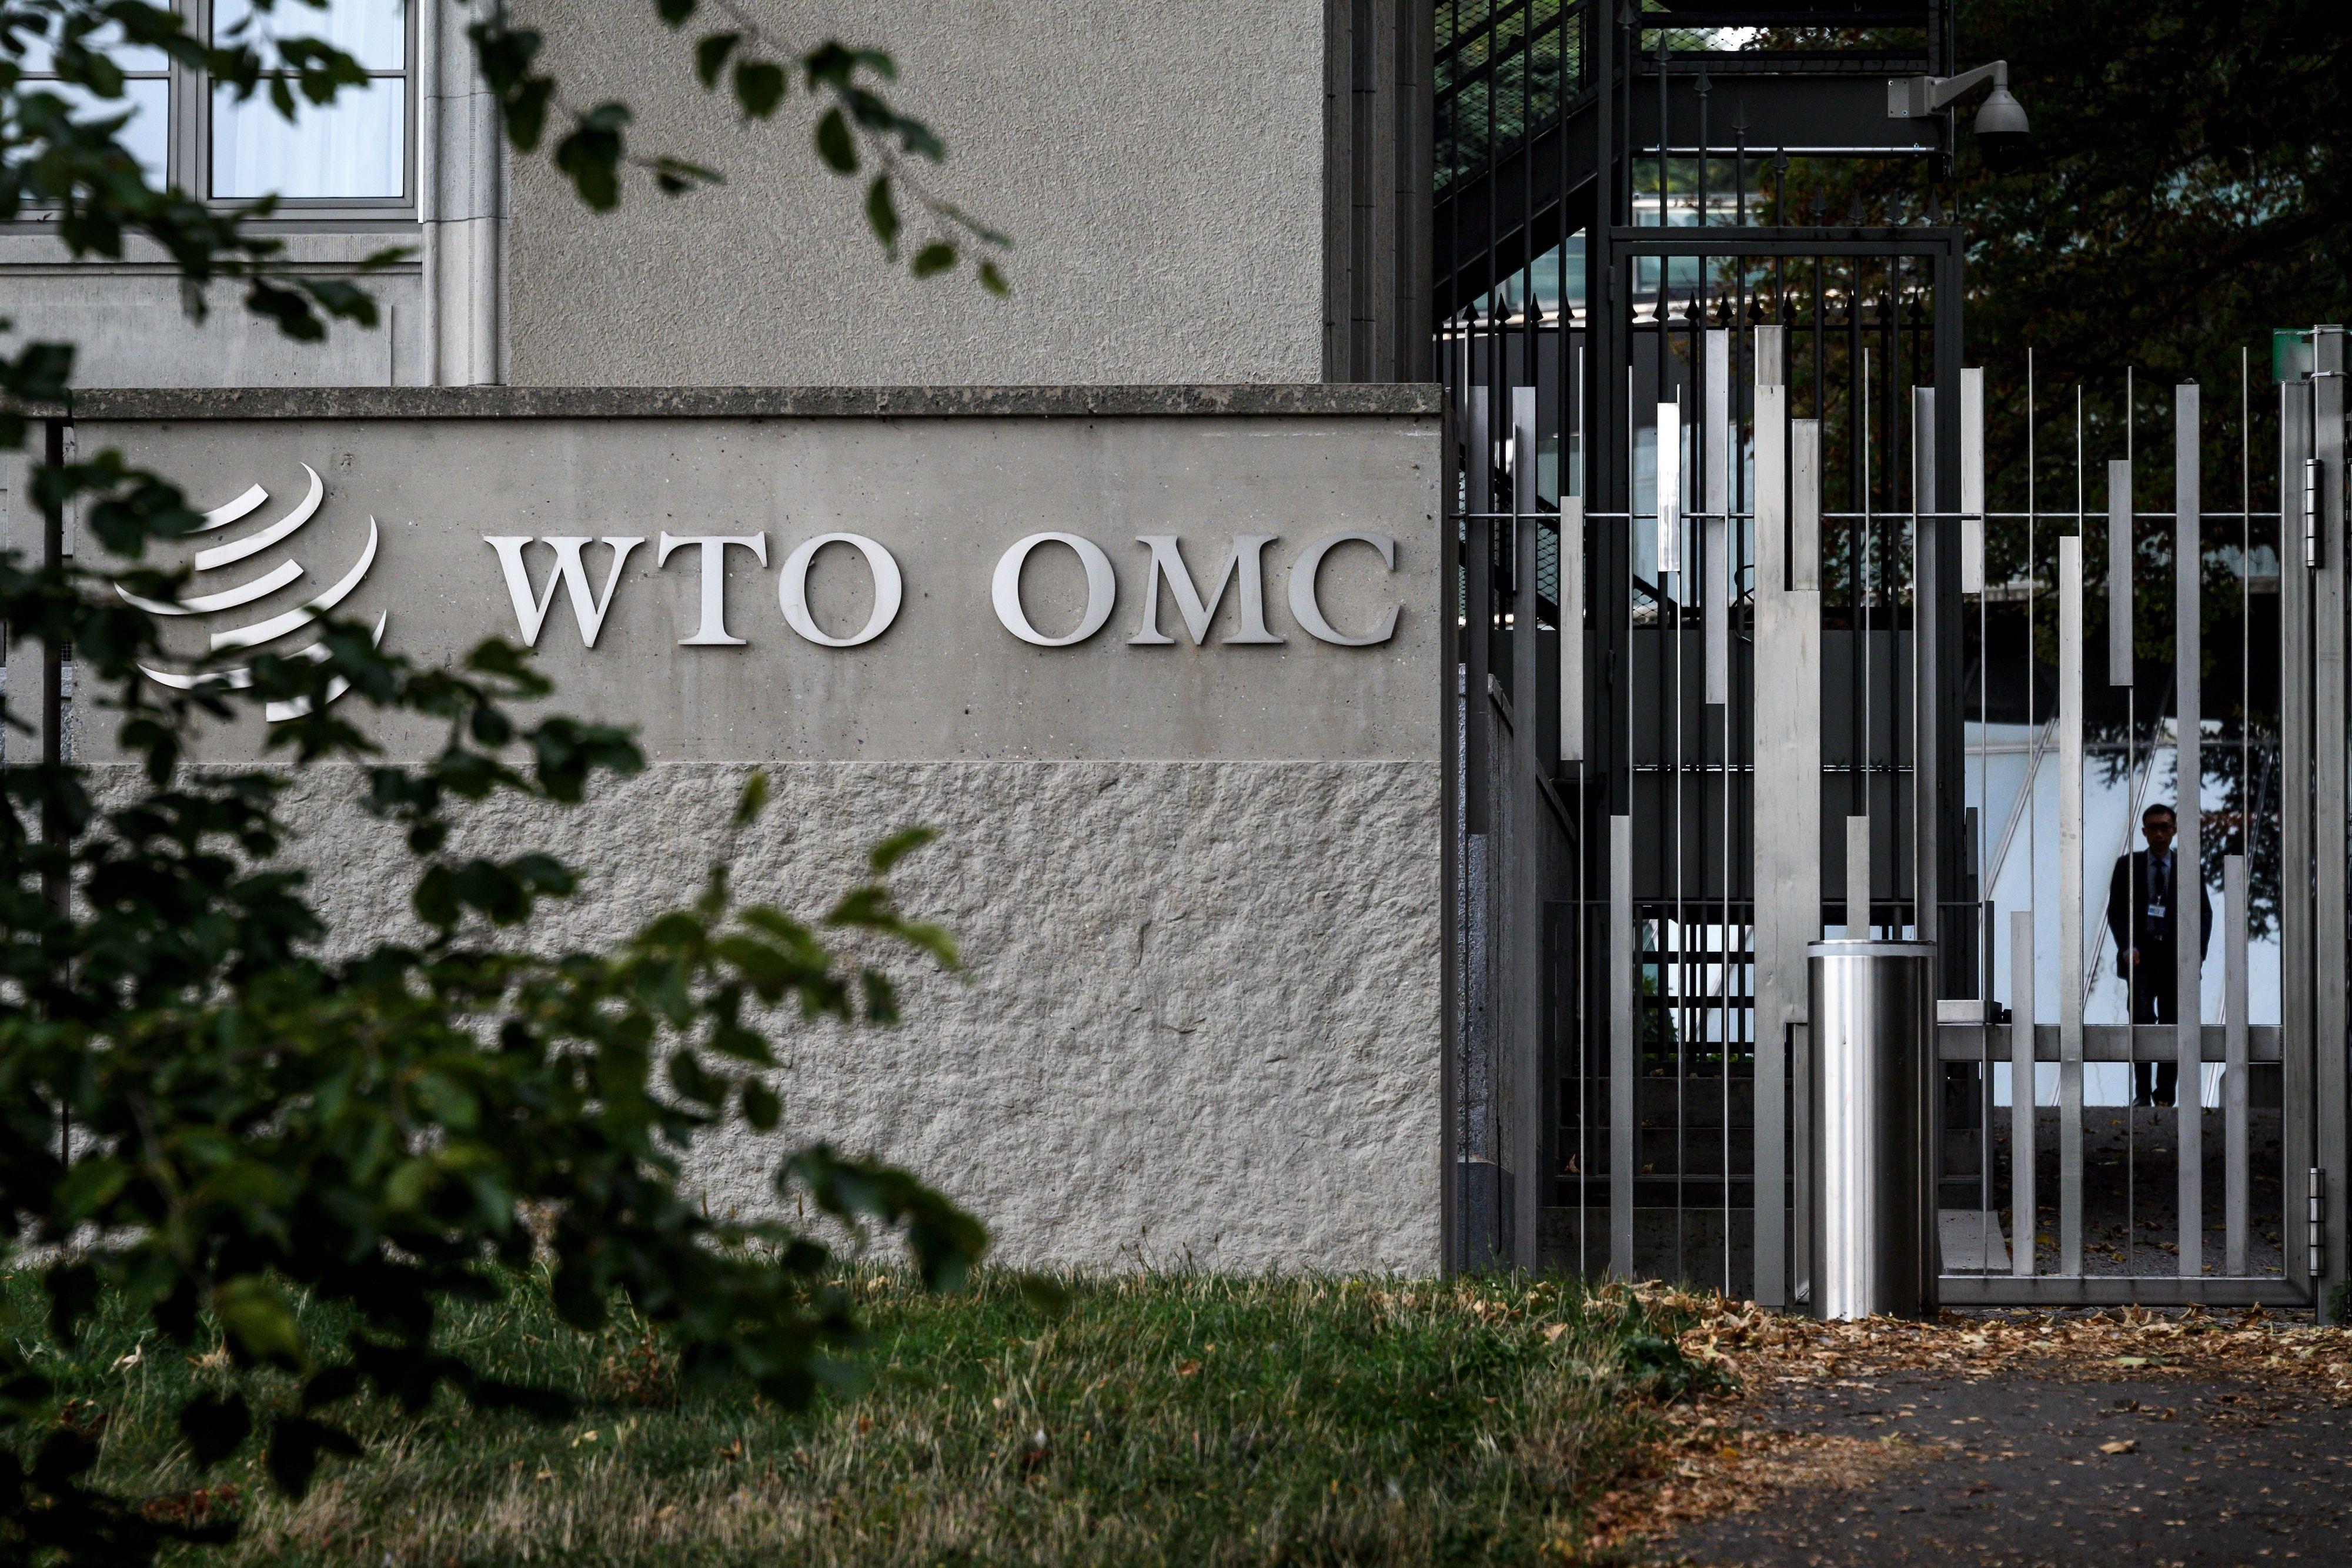 針對不守規則國家 美日歐提出WTO改革方案